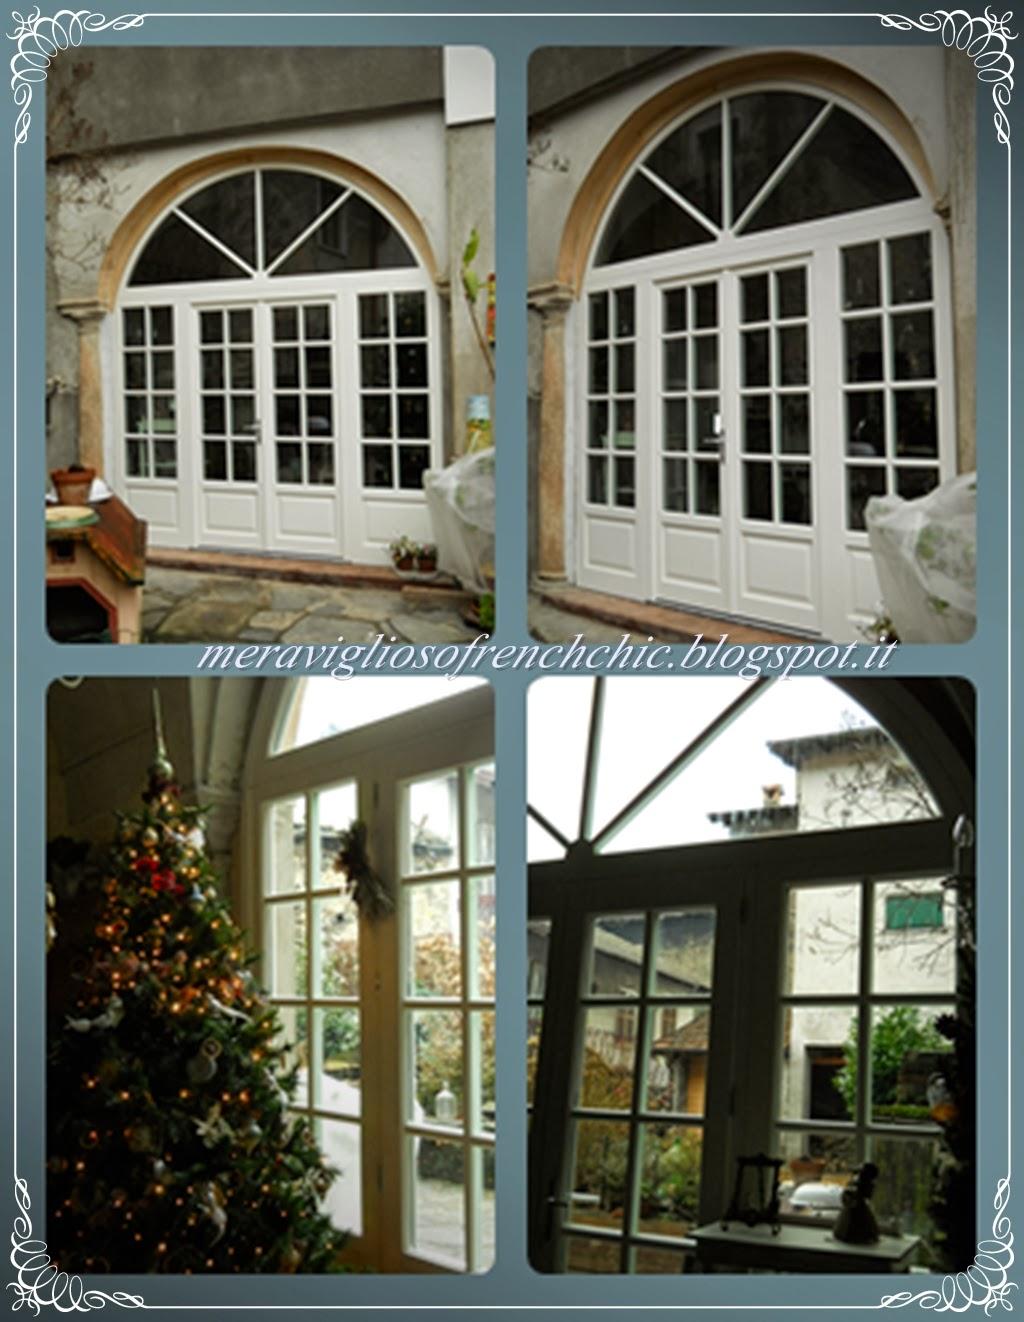 Meraviglioso French Chic : Babbo Natale e.......la veranda nuova